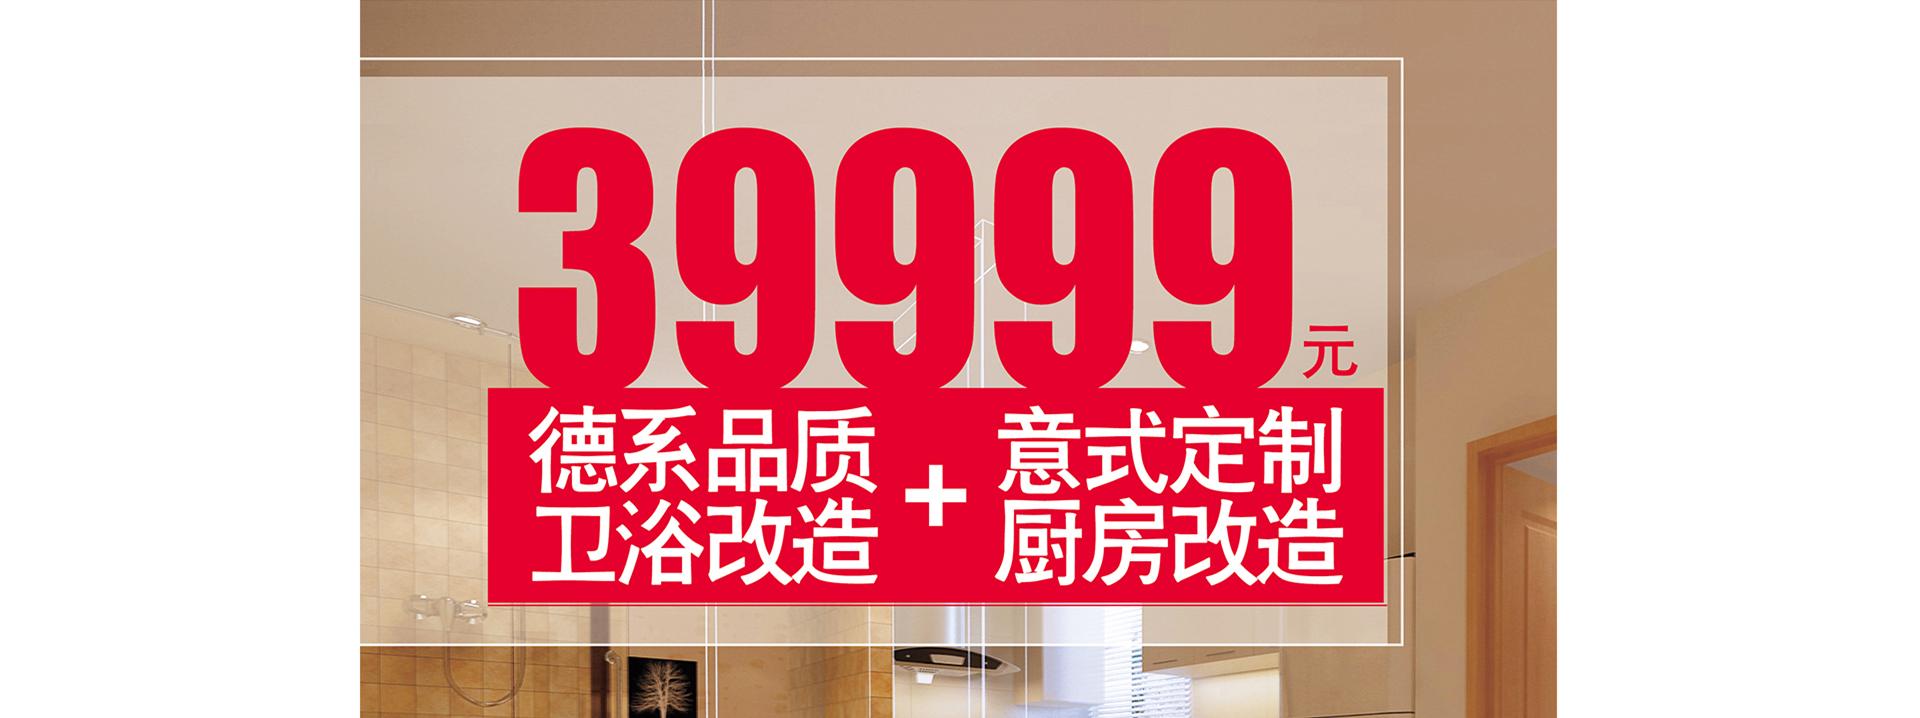 2018年8月版39999一厨一卫套餐